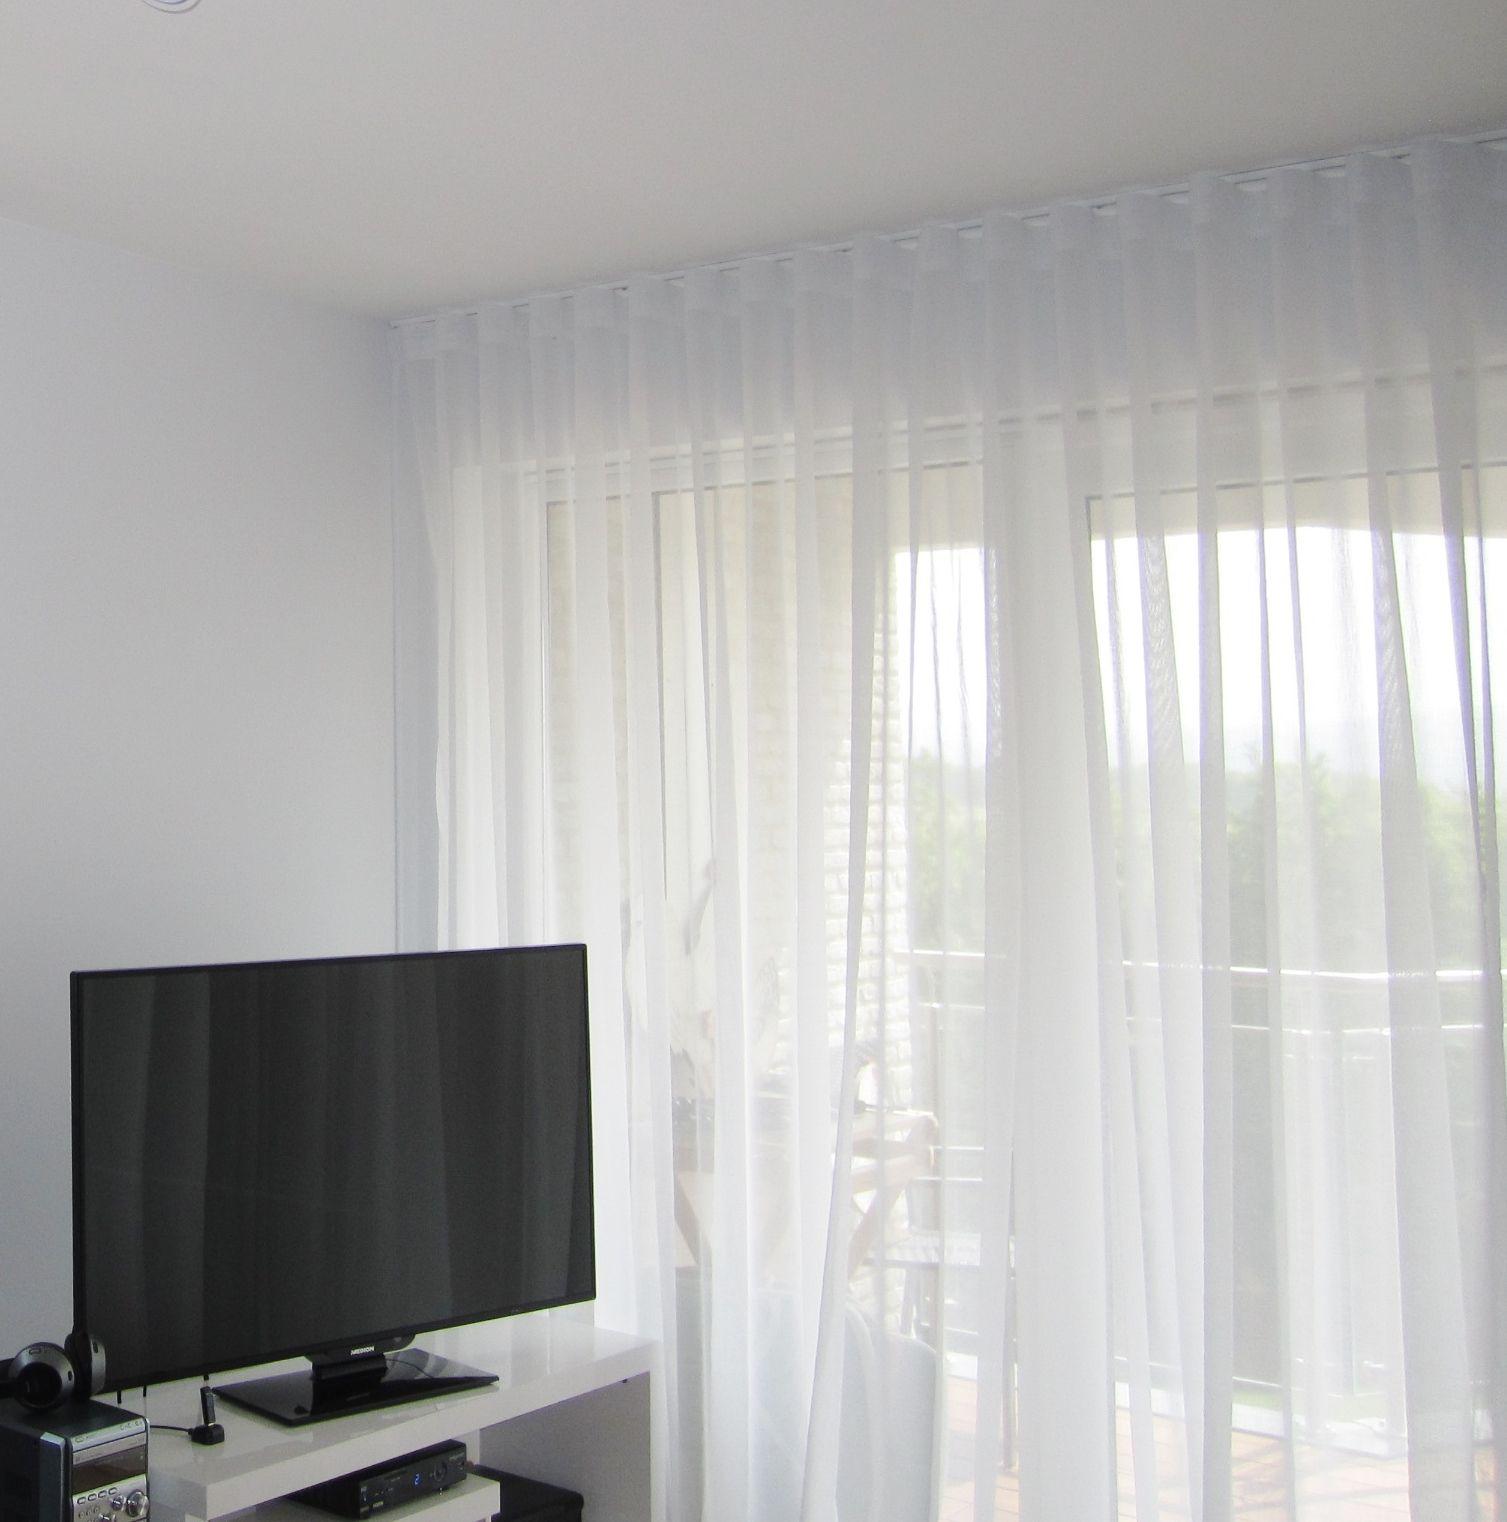 finition ruflette wave effet vague uniquement voile id al pour grande baie faible. Black Bedroom Furniture Sets. Home Design Ideas